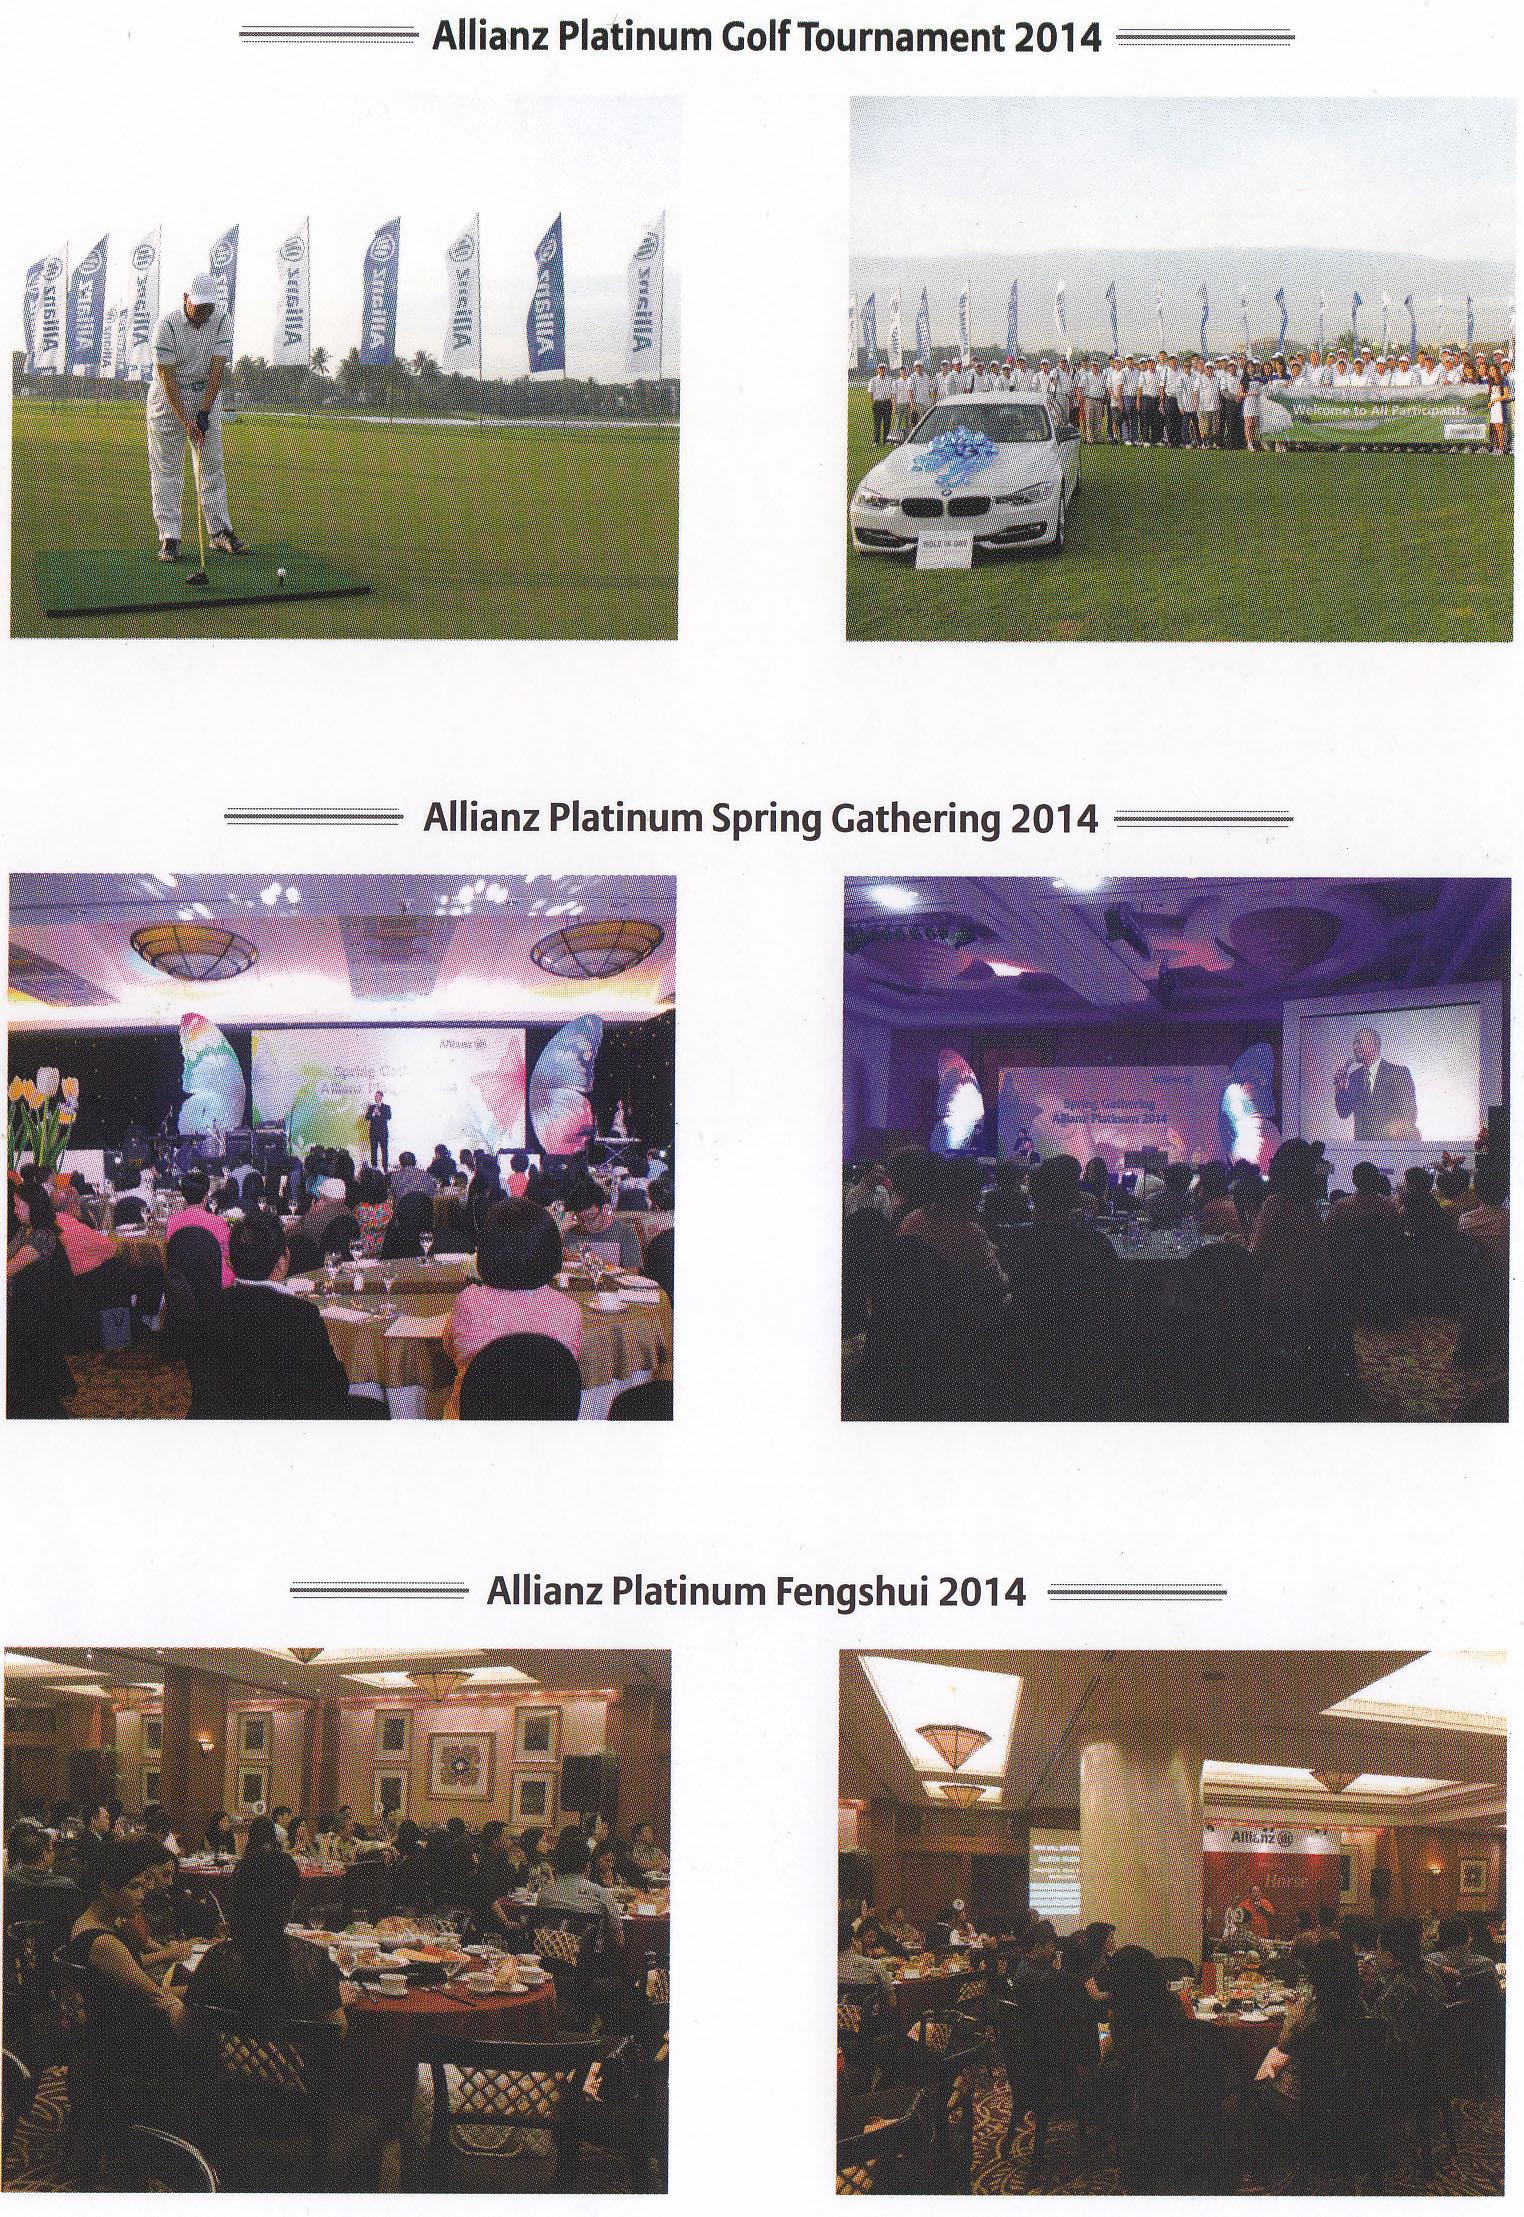 allianz platinum event